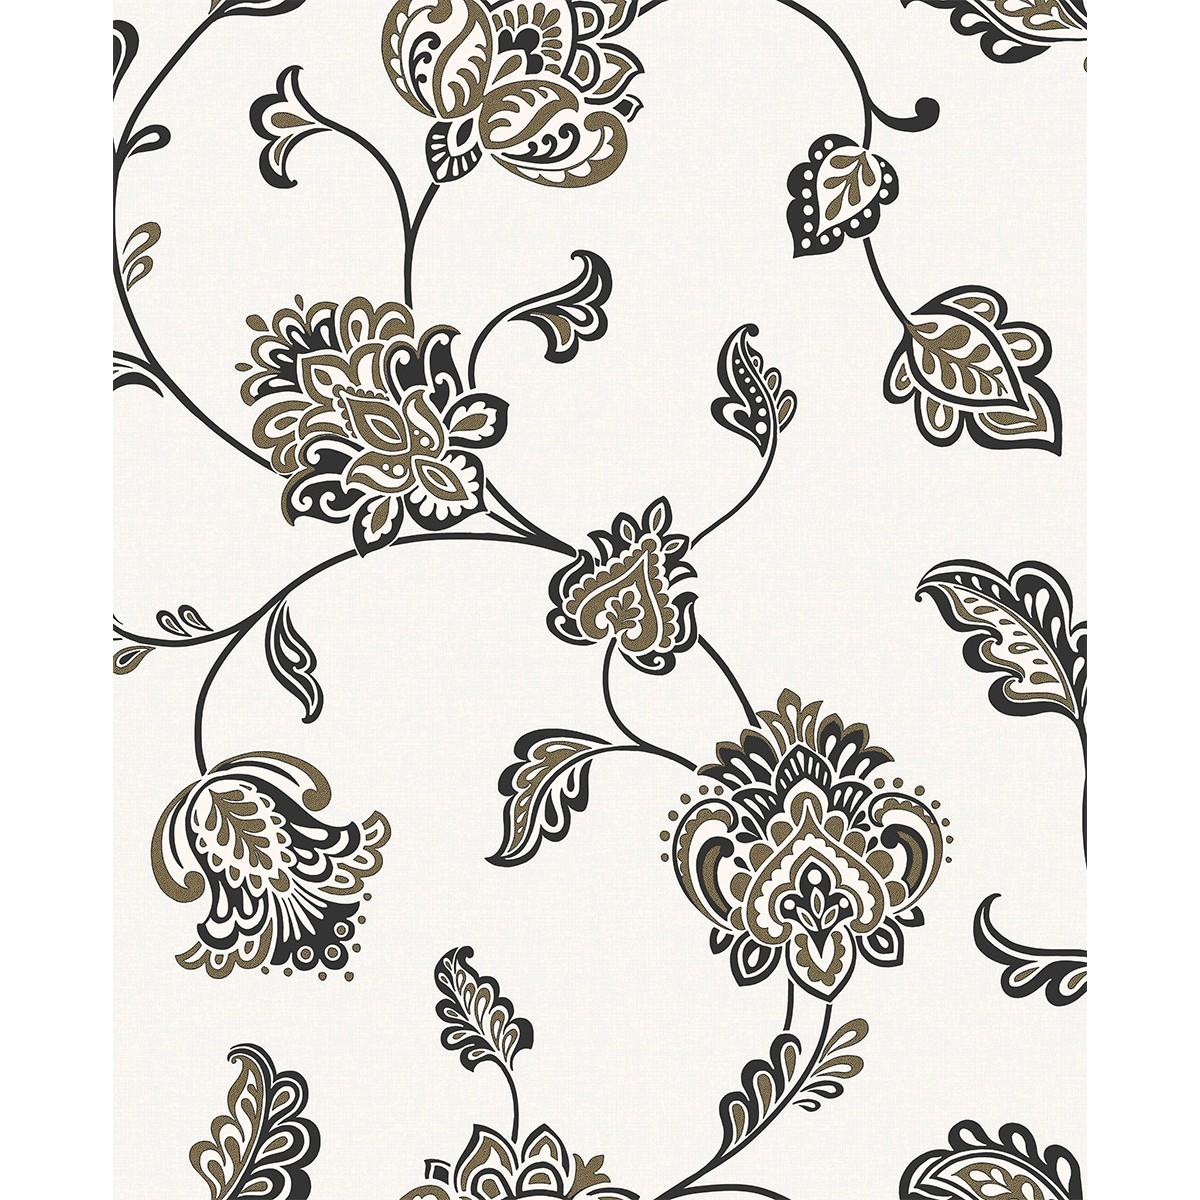 Brand Fine Decor Glamour Floral trail CreamBlackGold Wallpaper 1200x1200